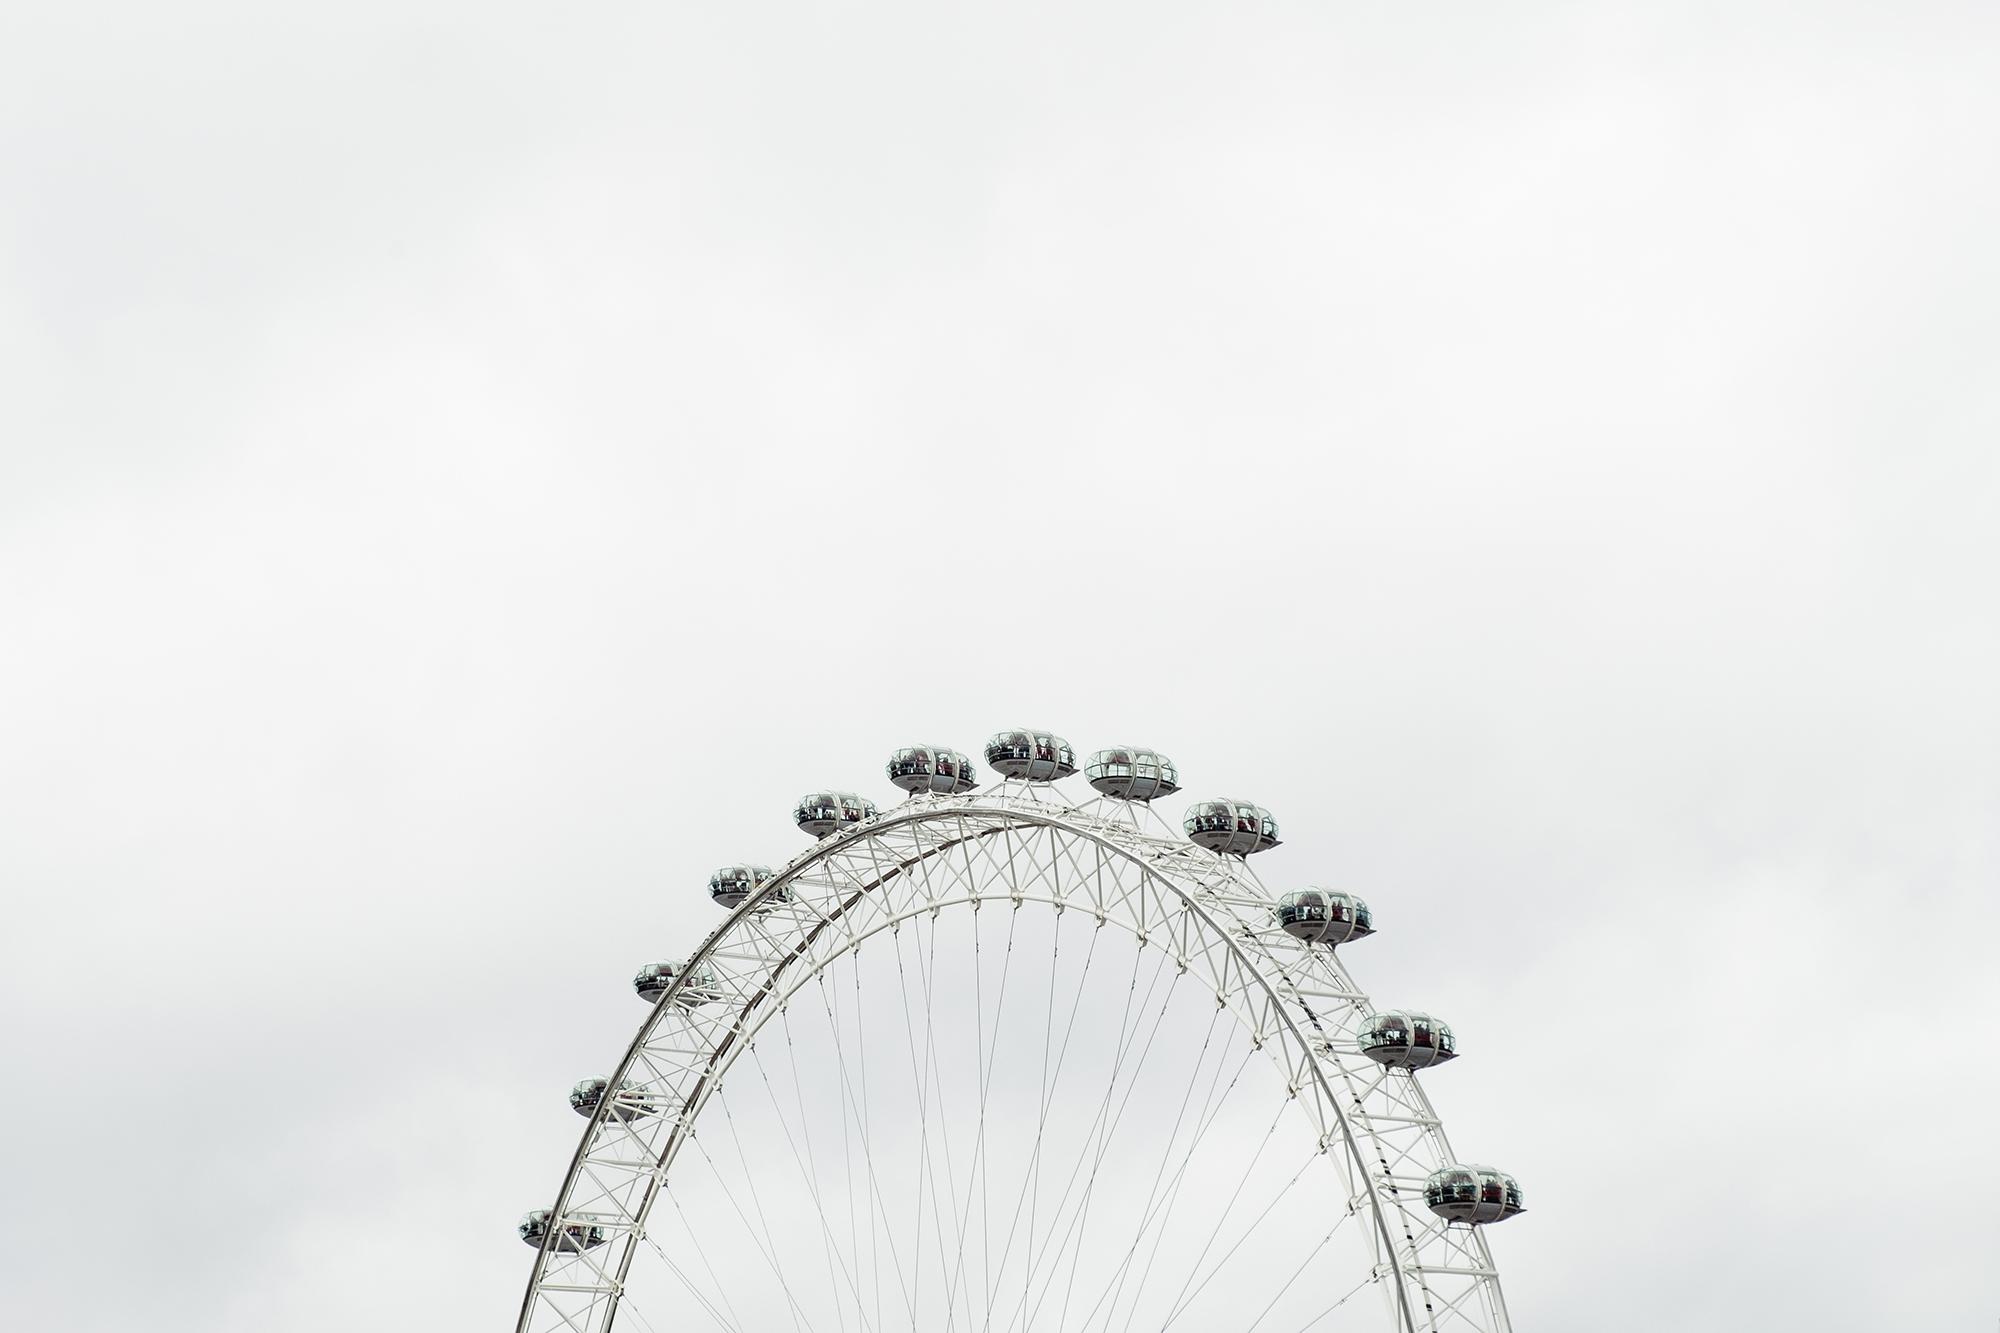 201905_London_DSCF2204.jpg